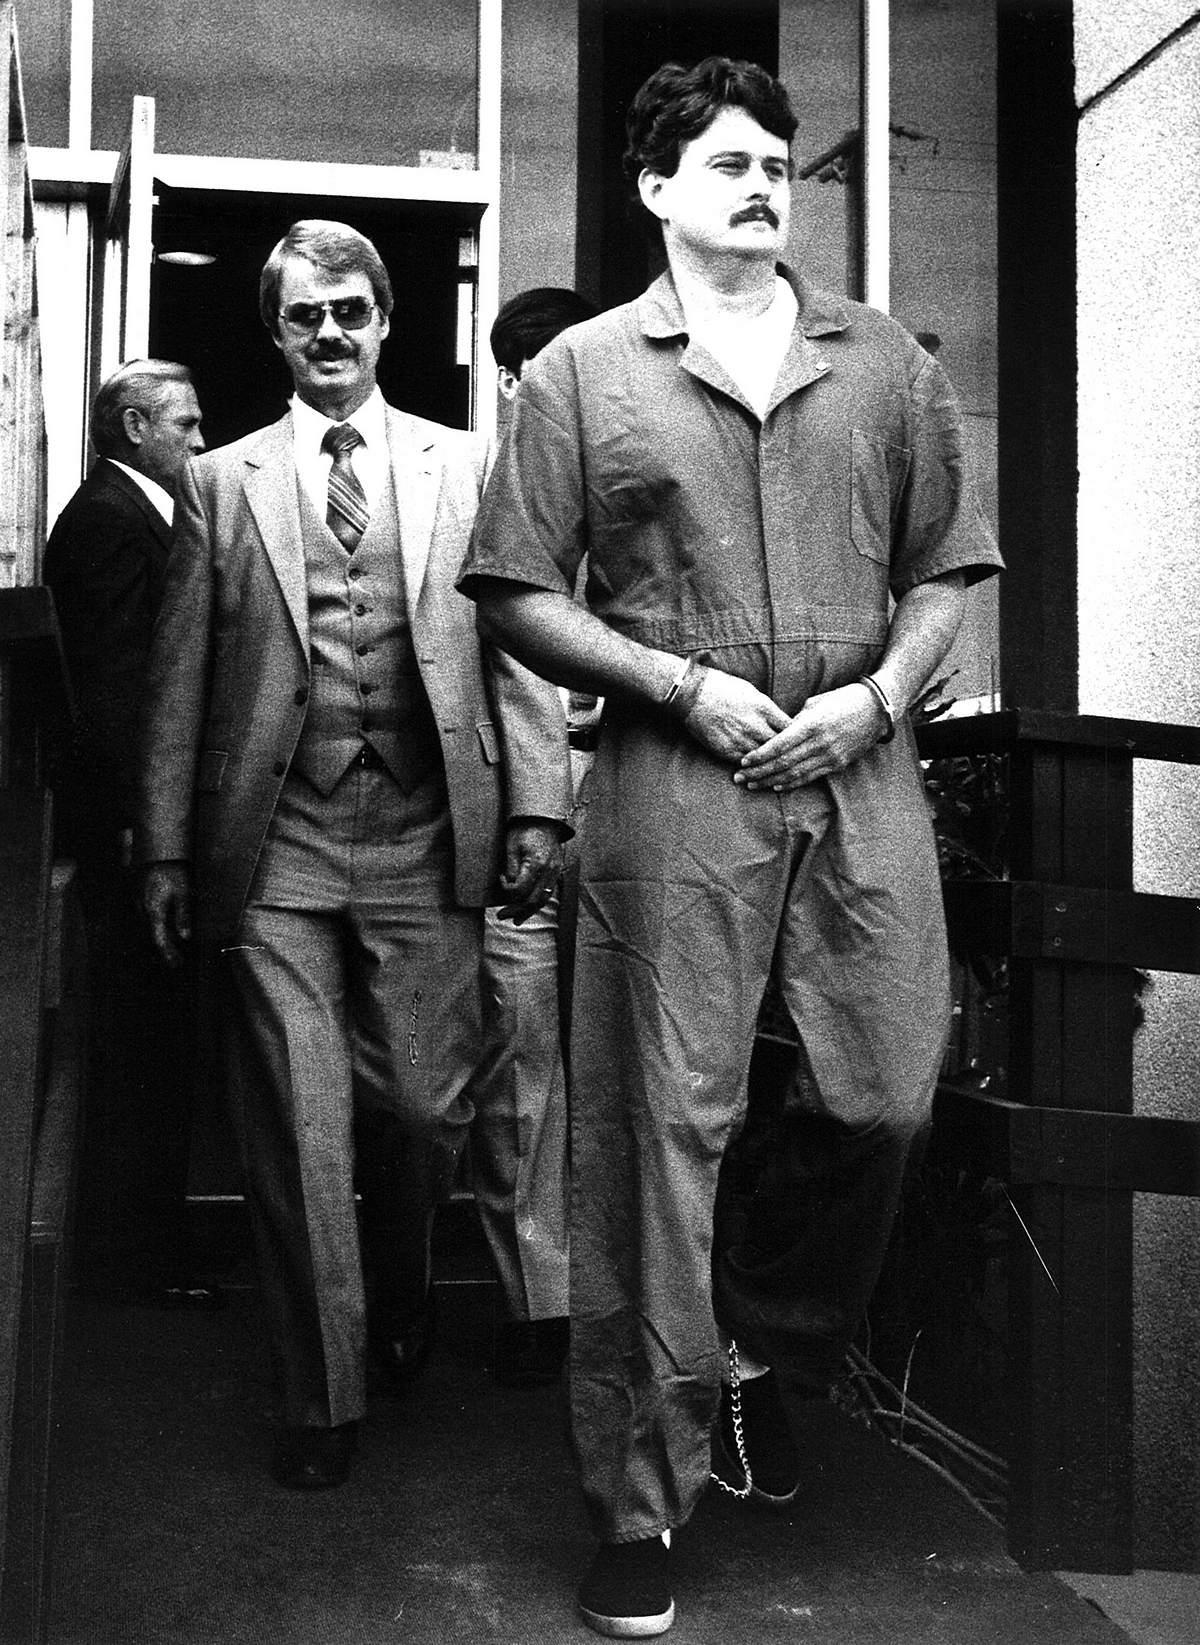 Bobby Joe Long logo após ser preso em novembro de 1984. Foto: Times.